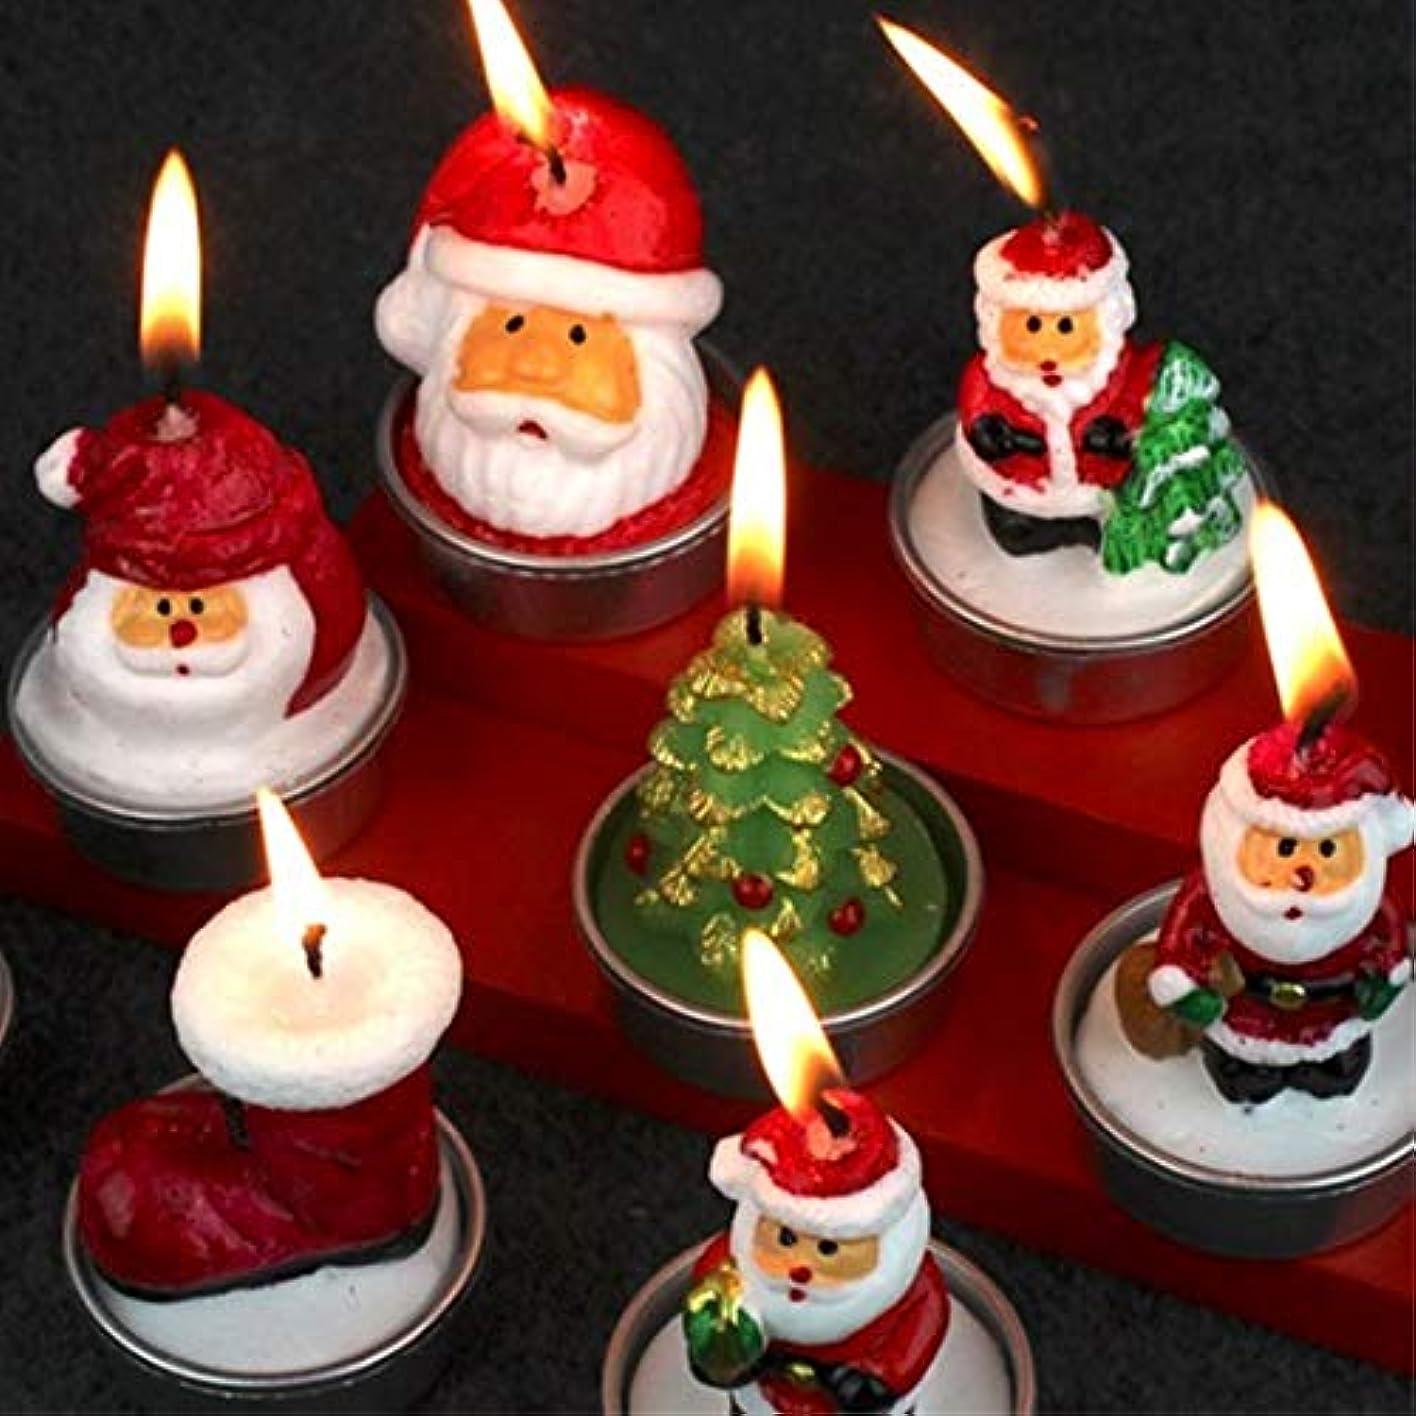 薬局侵略音Labos 家族の休日の装飾パーティーの装飾新年の装飾用品に使用クリスマスサンタクロースクリスマスキャンドル、ランダム配信